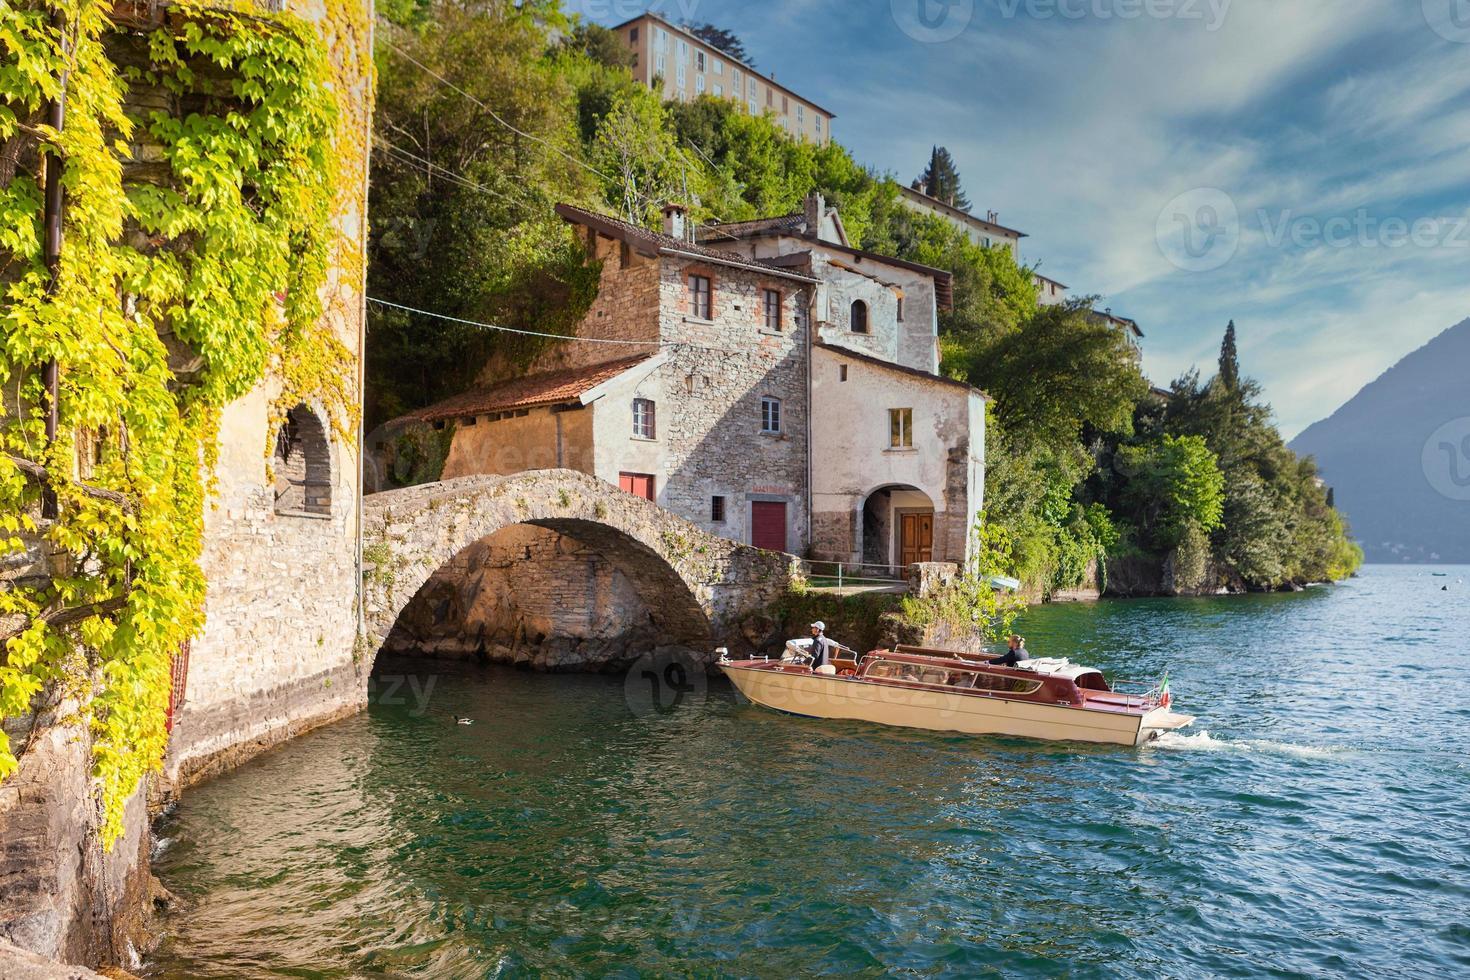 stile turistico motoscafo in legno che si avvicina a un vecchio ponte di pietra sul lago di como foto